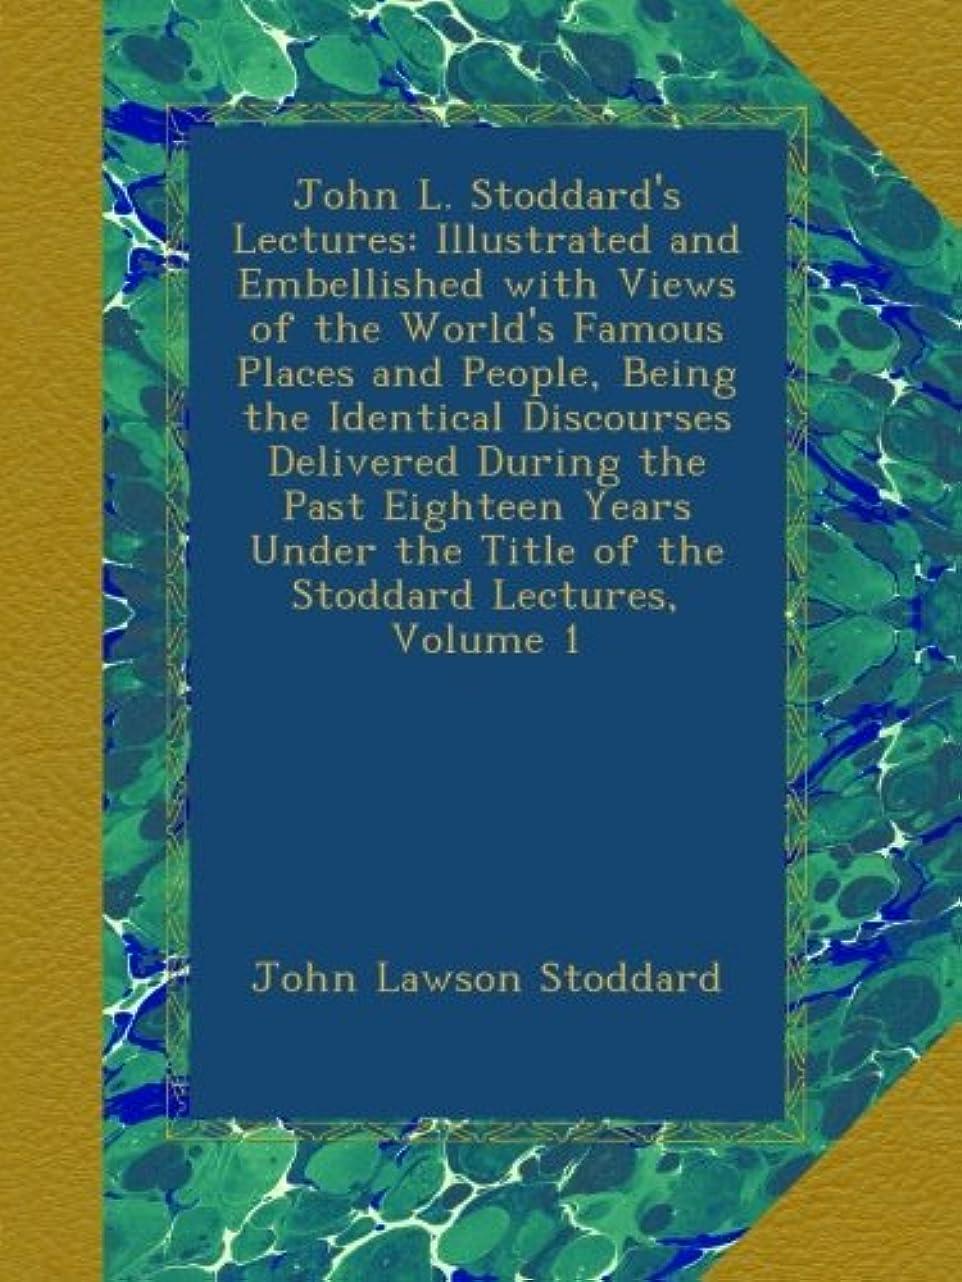 うまくいけば歴史的びっくりJohn L. Stoddard's Lectures: Illustrated and Embellished with Views of the World's Famous Places and People, Being the Identical Discourses Delivered During the Past Eighteen Years Under the Title of the Stoddard Lectures, Volume 1